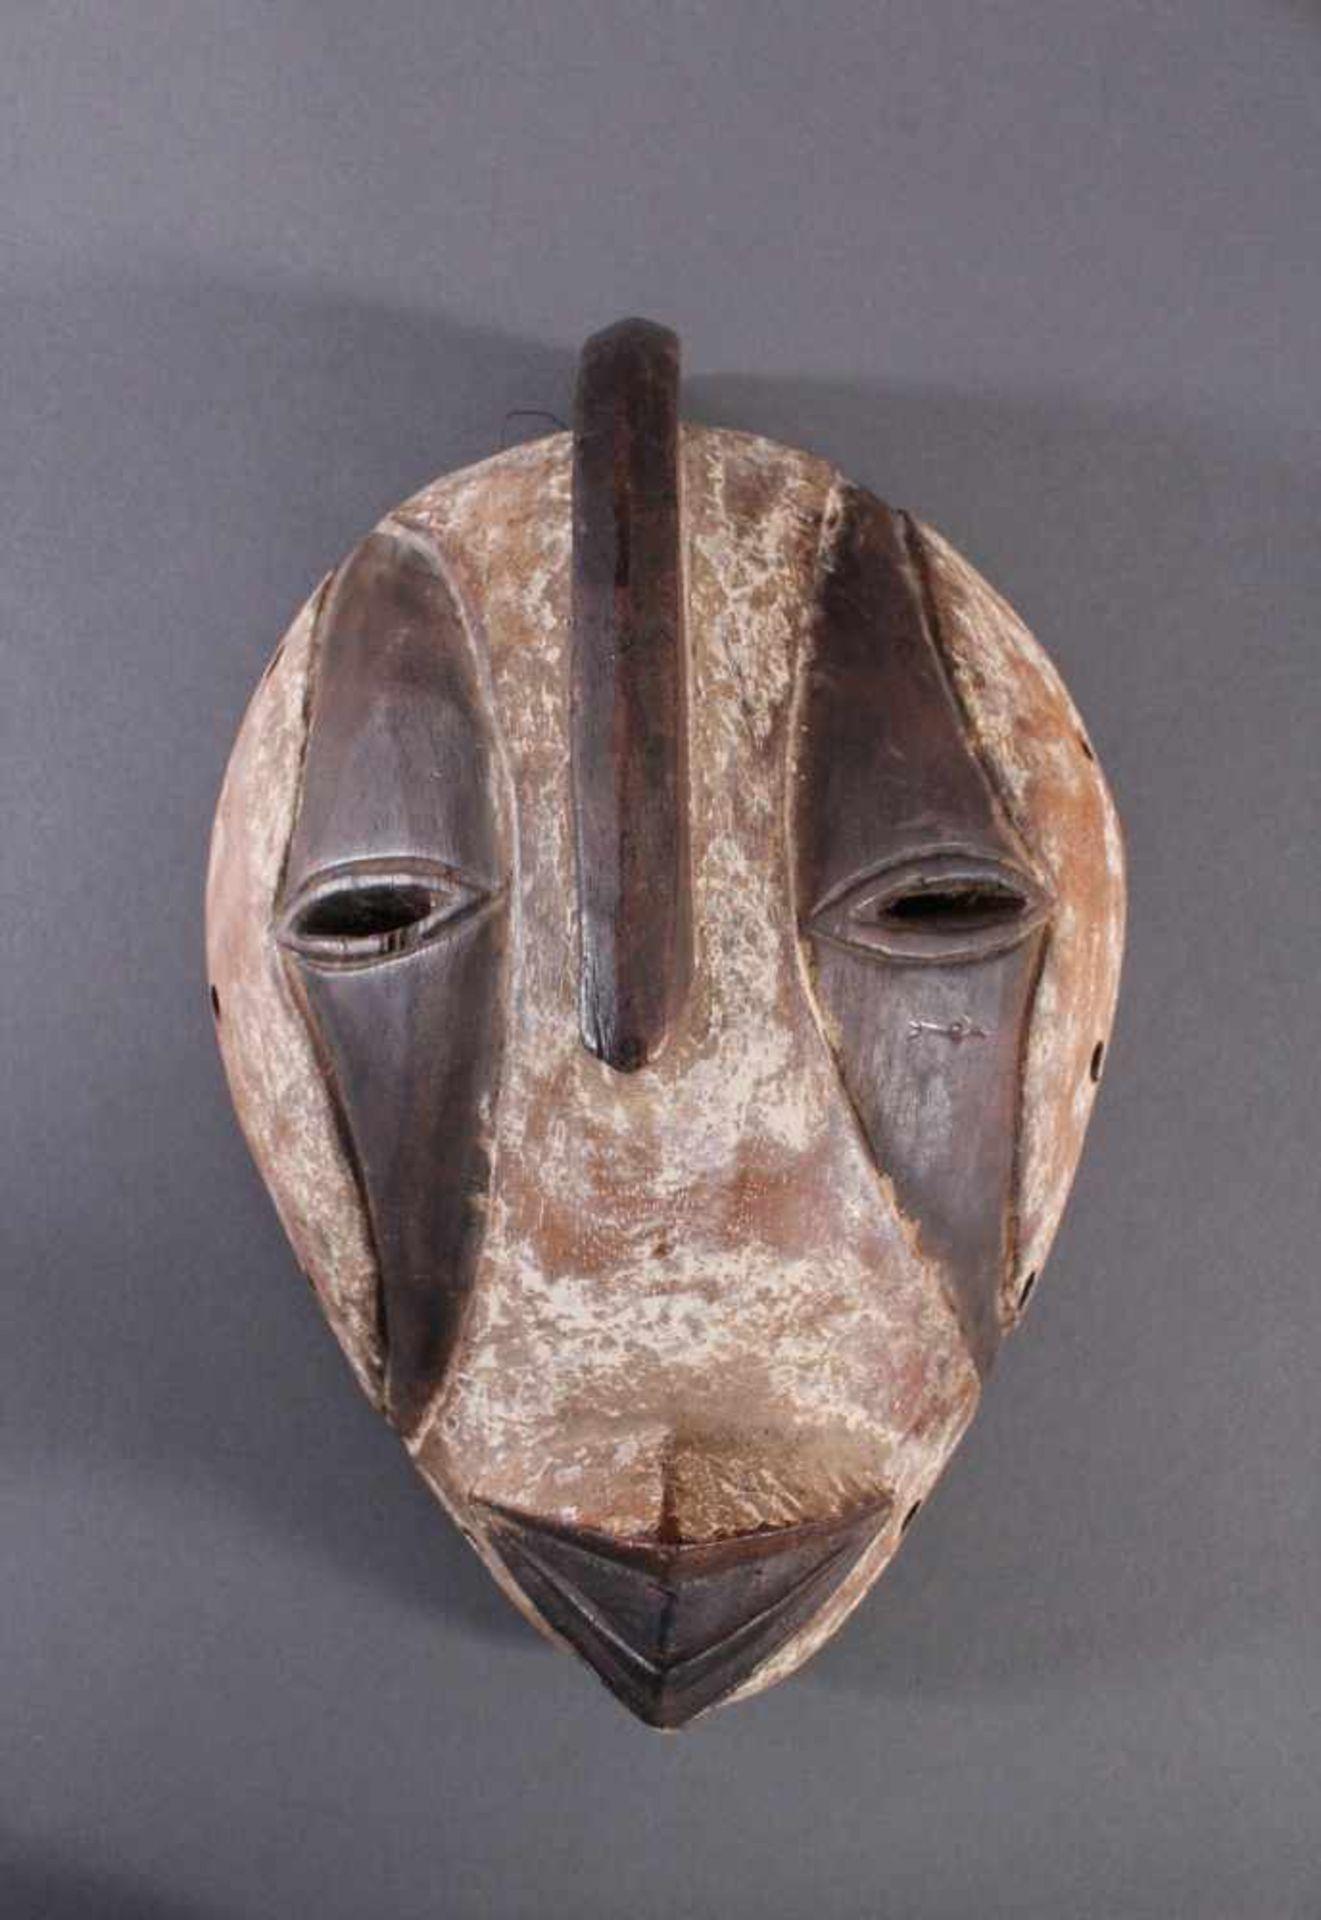 Antike Maske, Gabun 1. Hälfte 20. Jh.Holz geschnitzt, braune Patina, Kaolin Bemalung, ca. 11,5 x